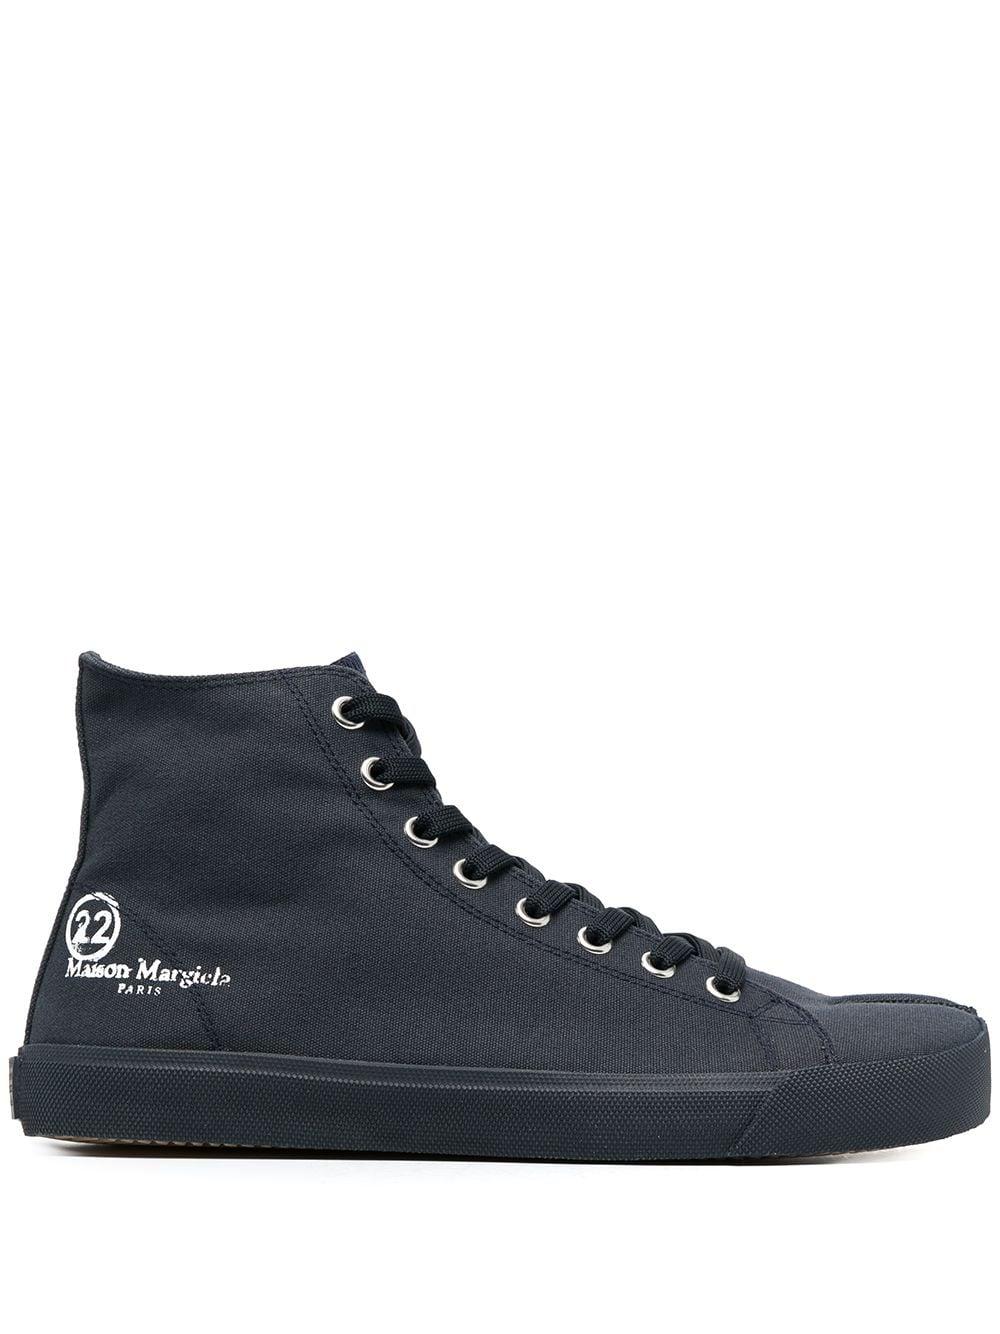 MAISON MARGIELA | Sneakers | S57WS0253 P3966T6053